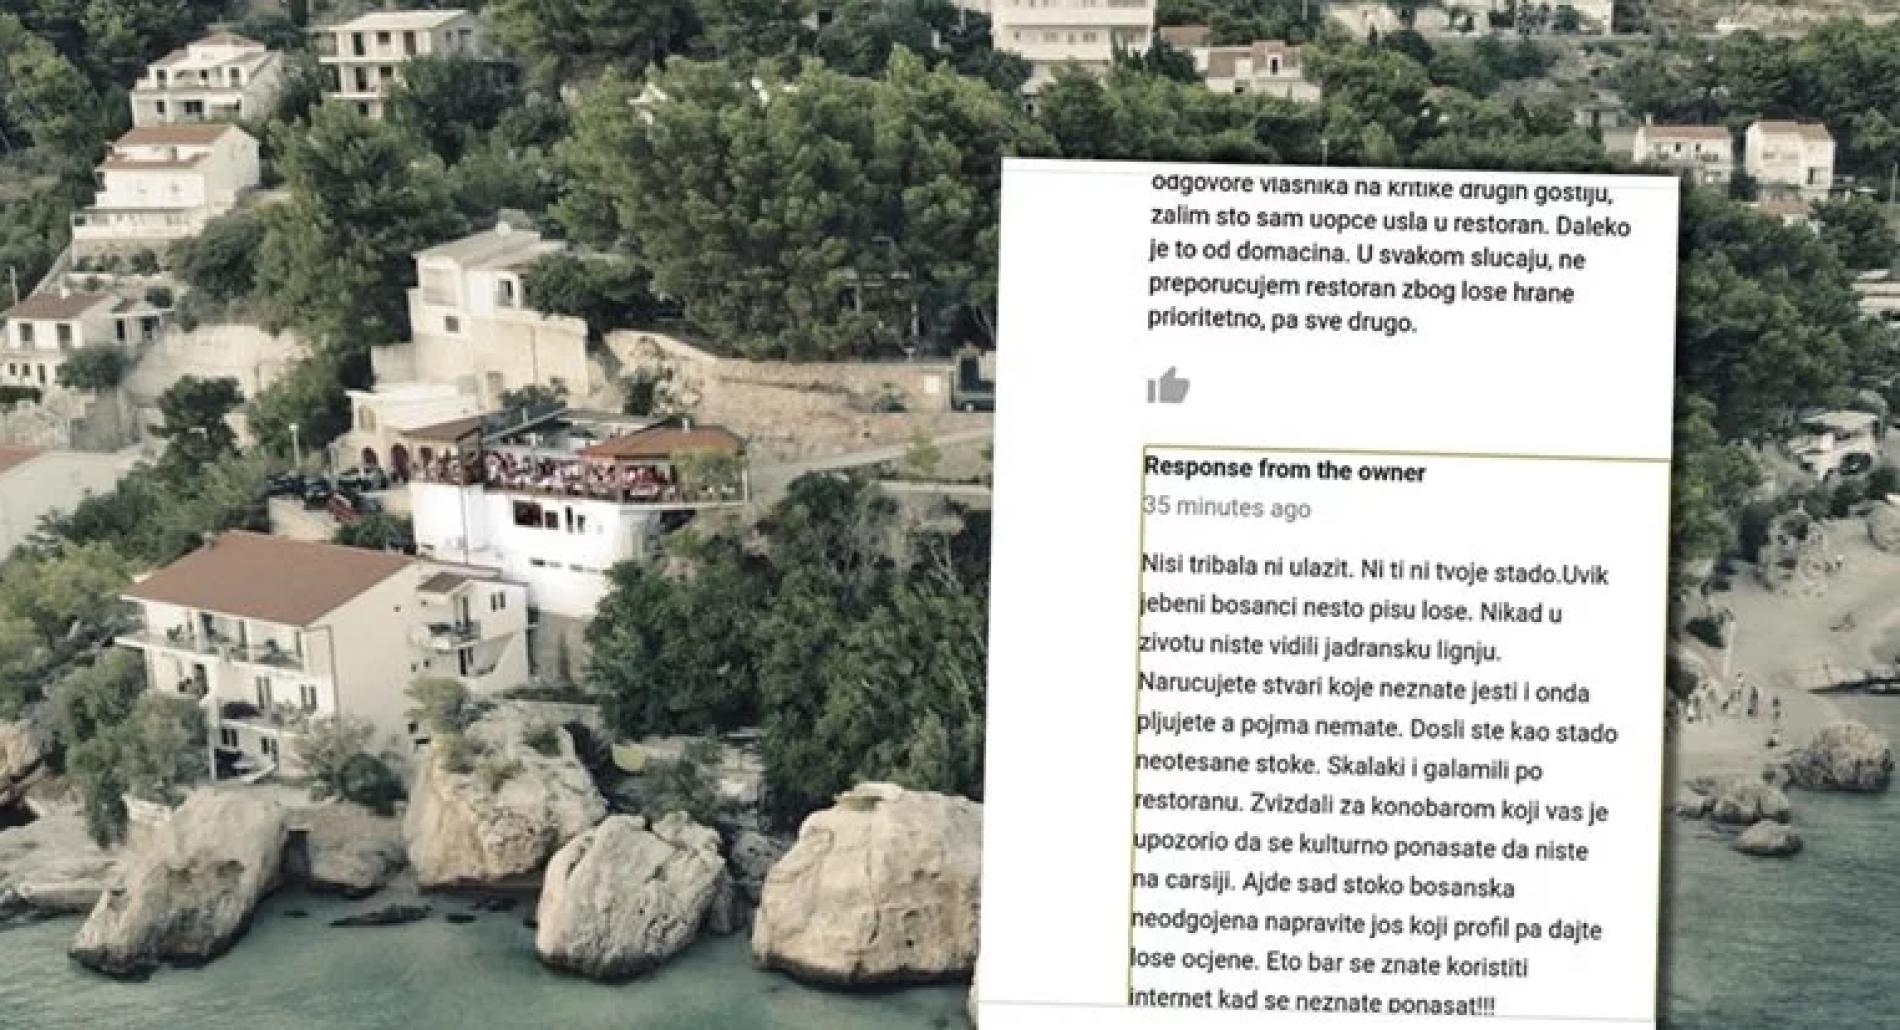 Obijest susjeda! Šovinistički komentari na račun Bosanaca